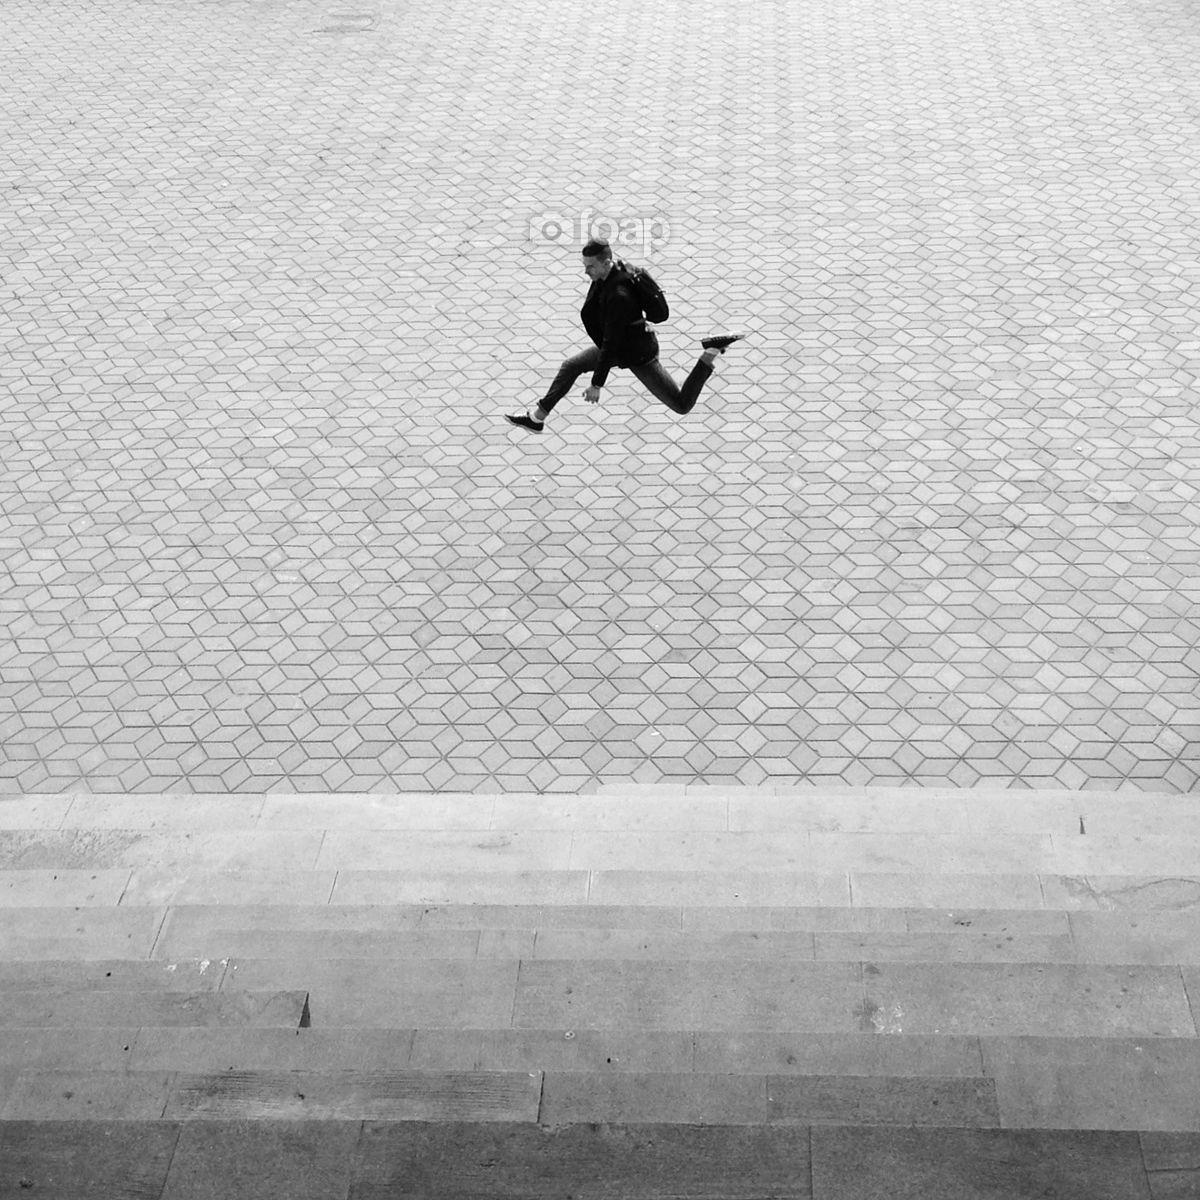 foap.com/market jumps, jumping, street photography